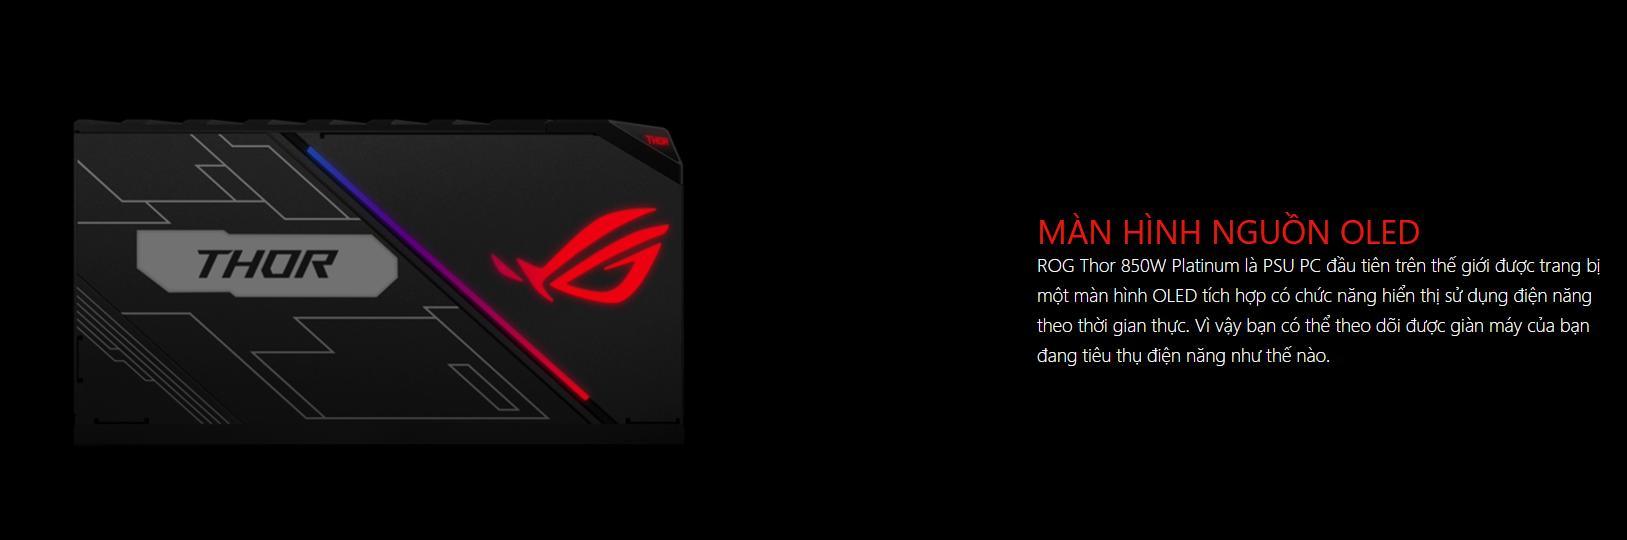 Nguồn Asus ROG Thor 850W Platinum - RGB 850W 80 Plus Platinum Full Modular đèn OLED hiển thị điện năng